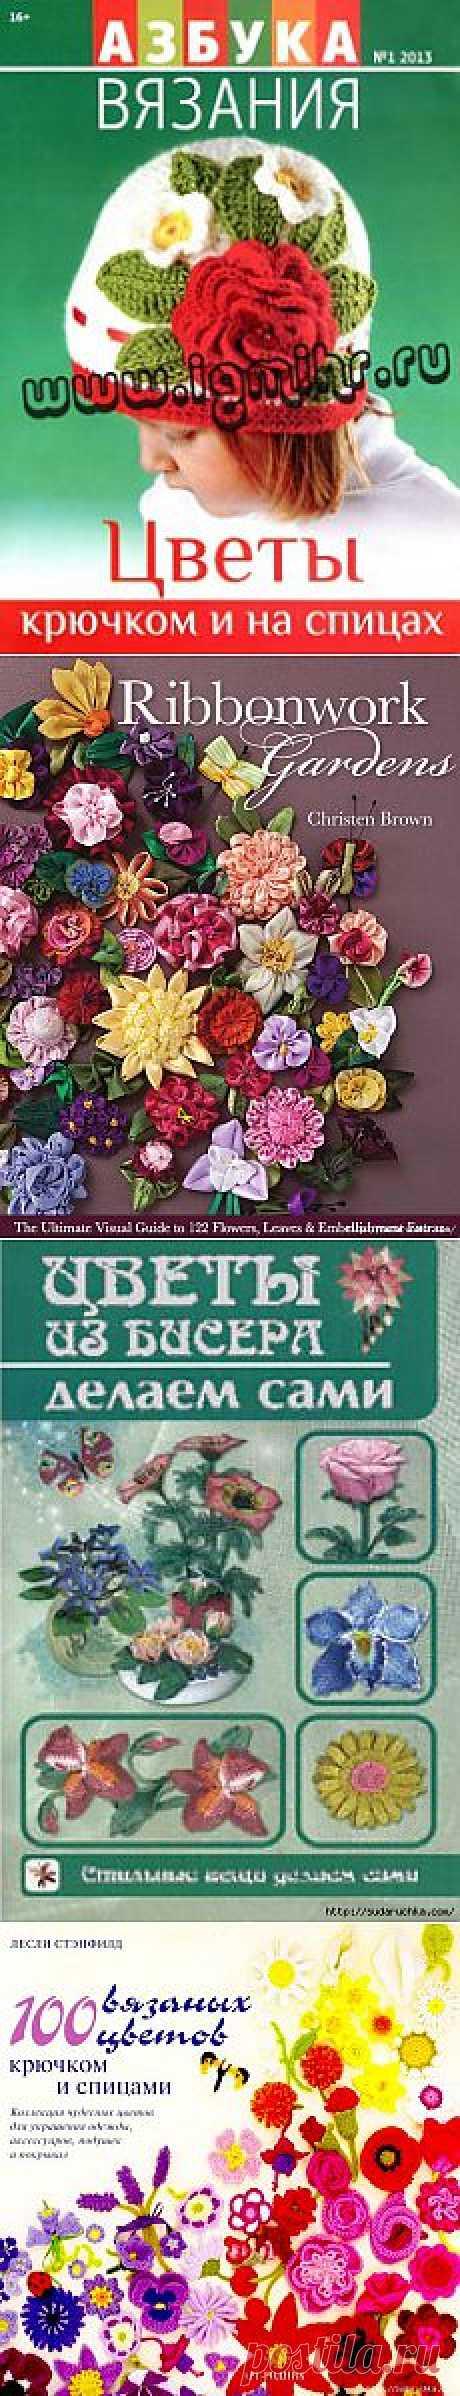 цветы (вязаные,бисерные,шитые и т.д.)   Записи в рубрике цветы (вязаные,бисерные,шитые и т.д.)   Дневник Юлия_Ж